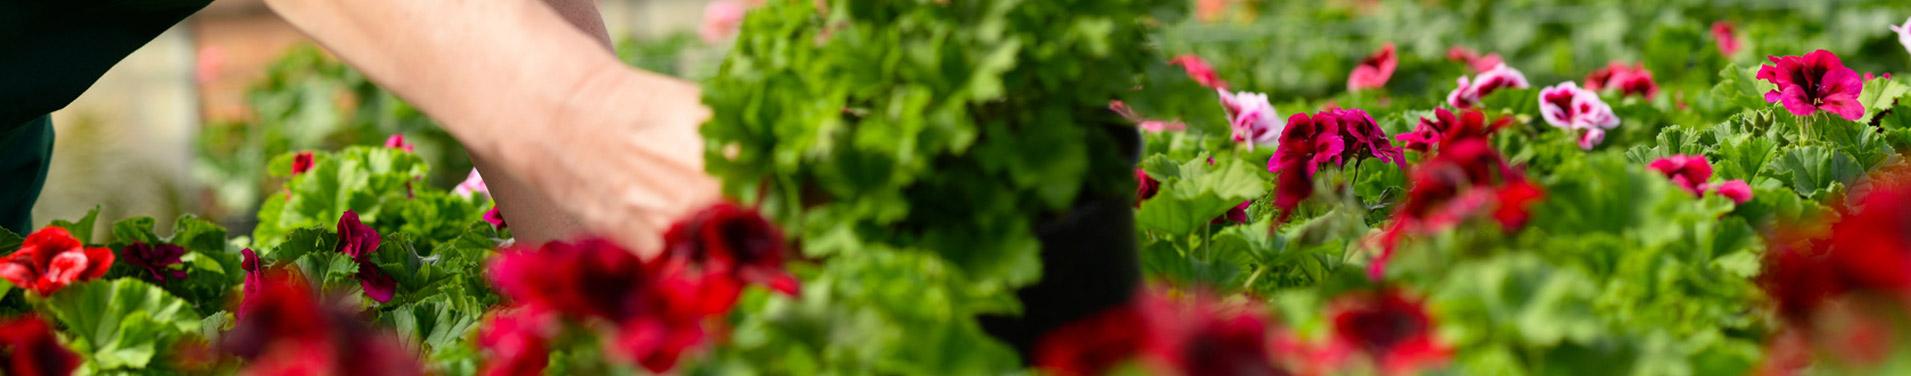 regionaler_umweltfreundlicher_nachhaltiger_anbau_zierpflanzen